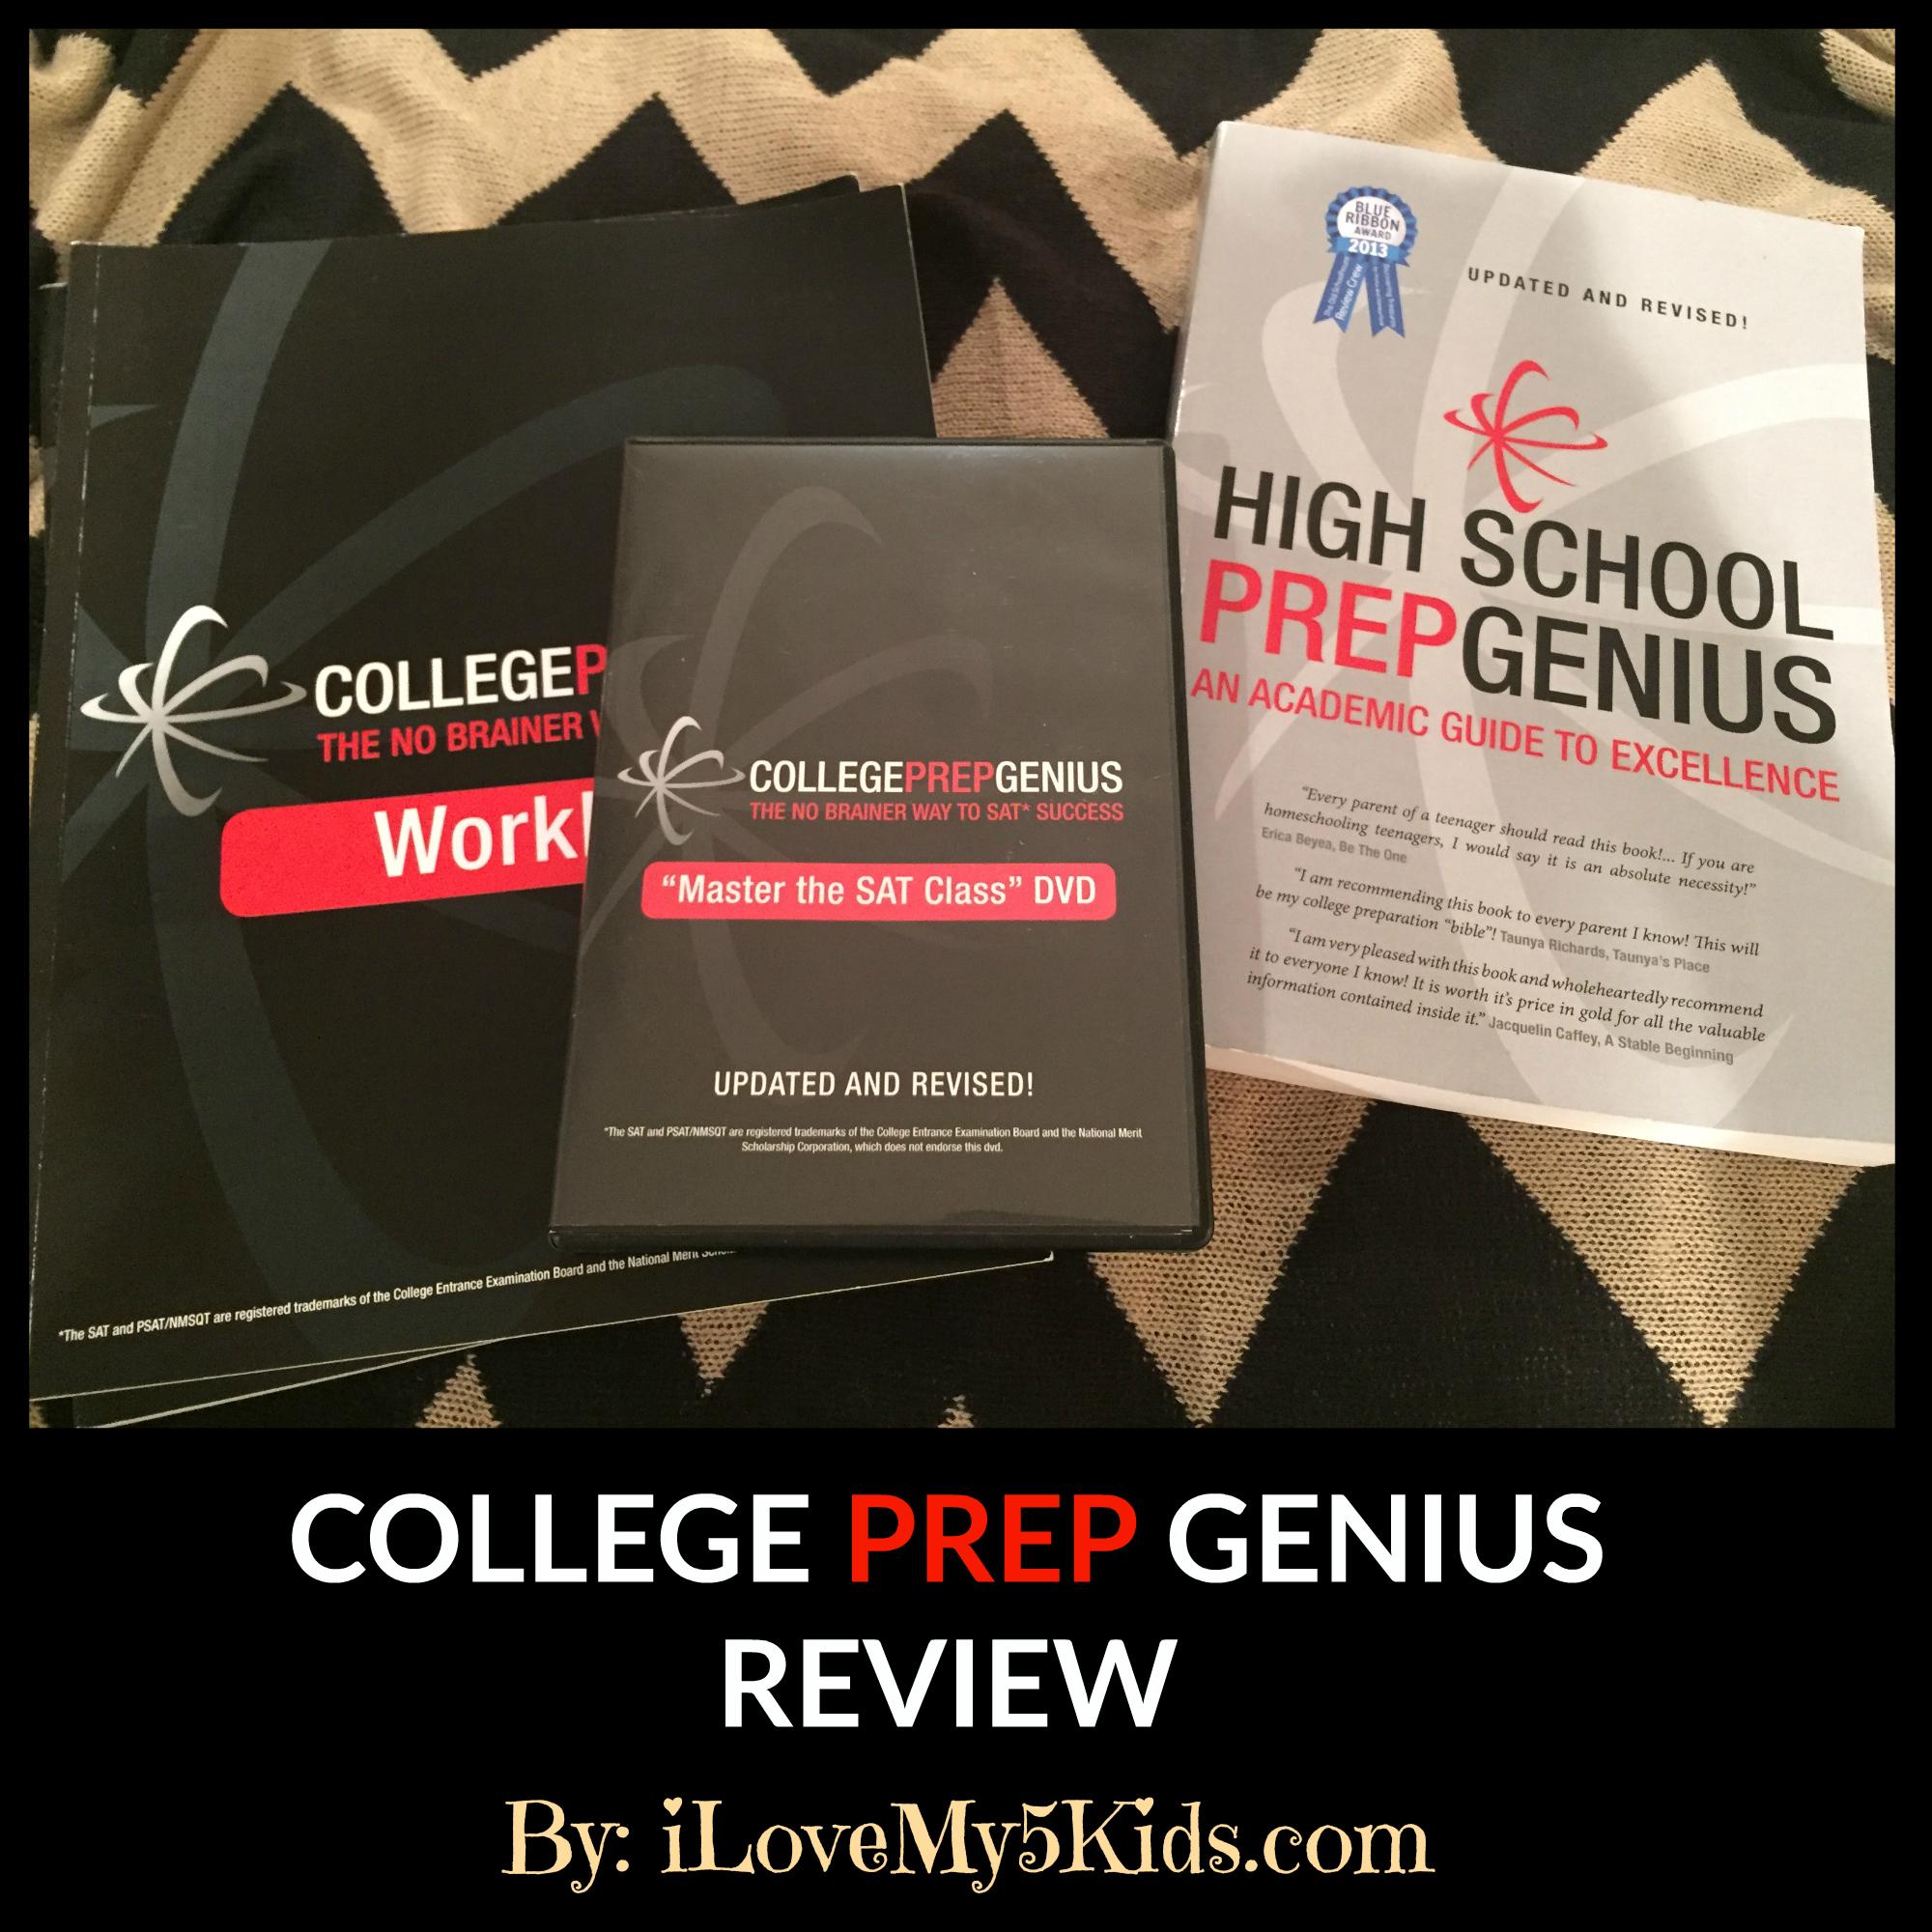 College Prep Genius Review